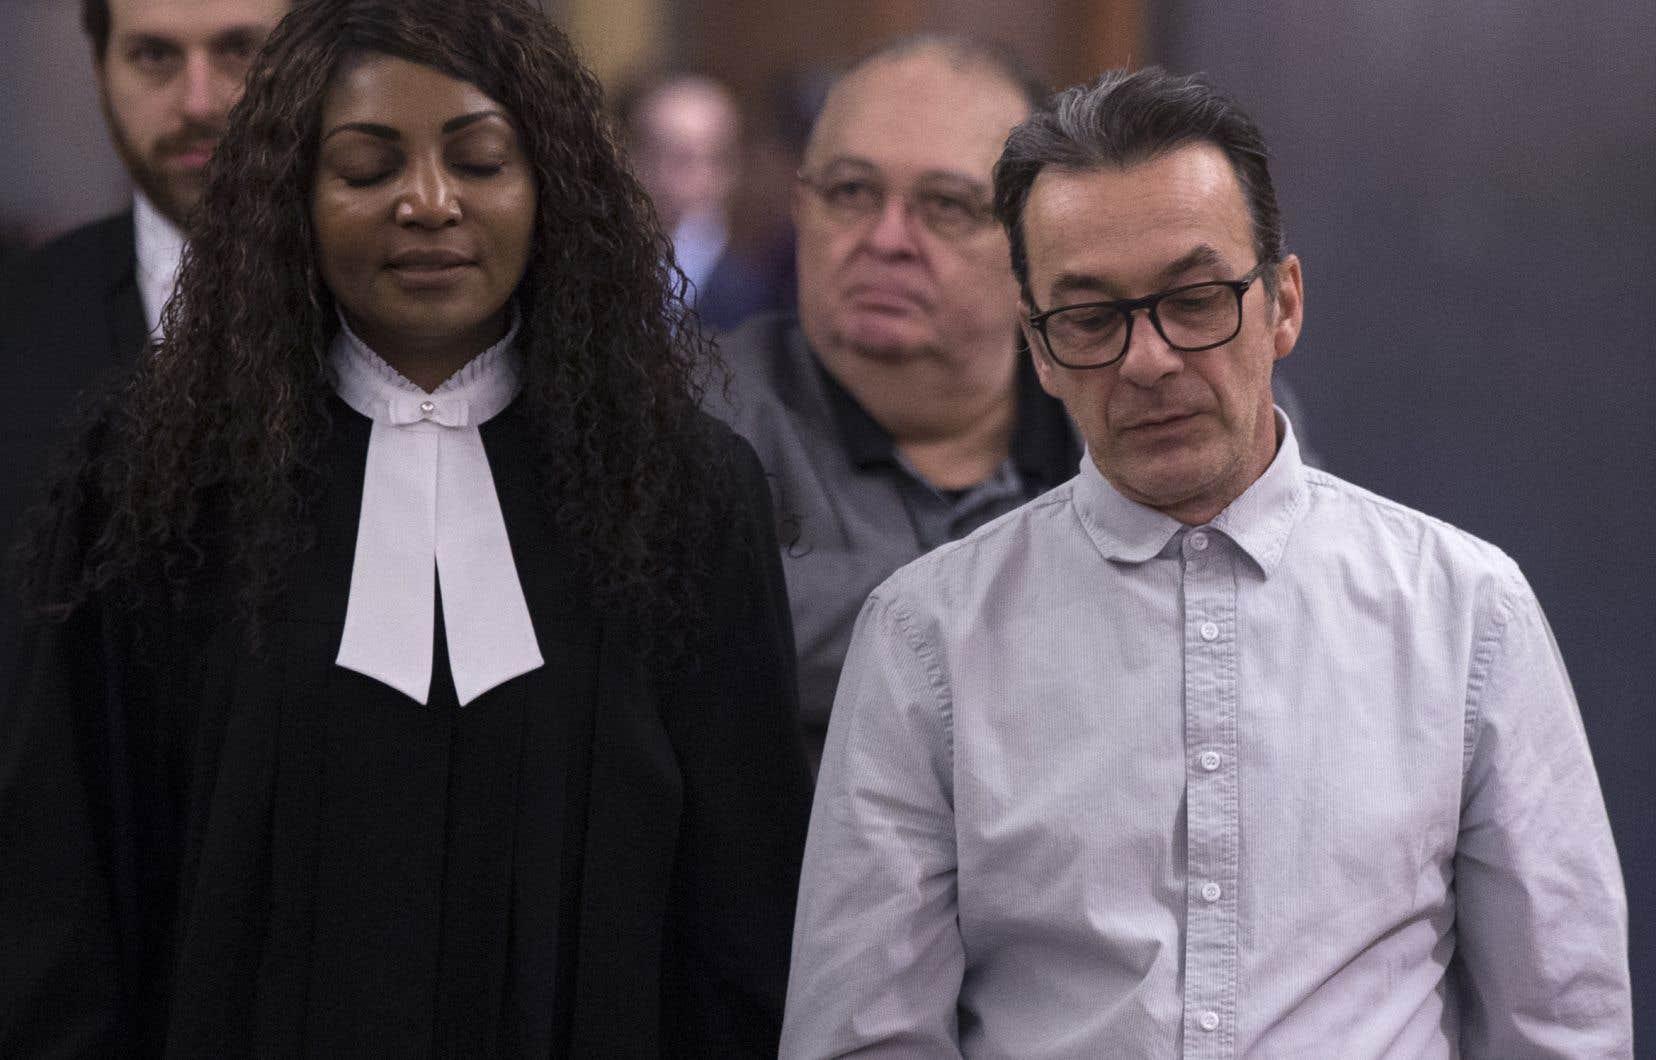 Accusé d'avoir étouffé son épouse atteinte d'Alzheimer, Michel Cadotte est déclaré coupable d'homicide involontaire.